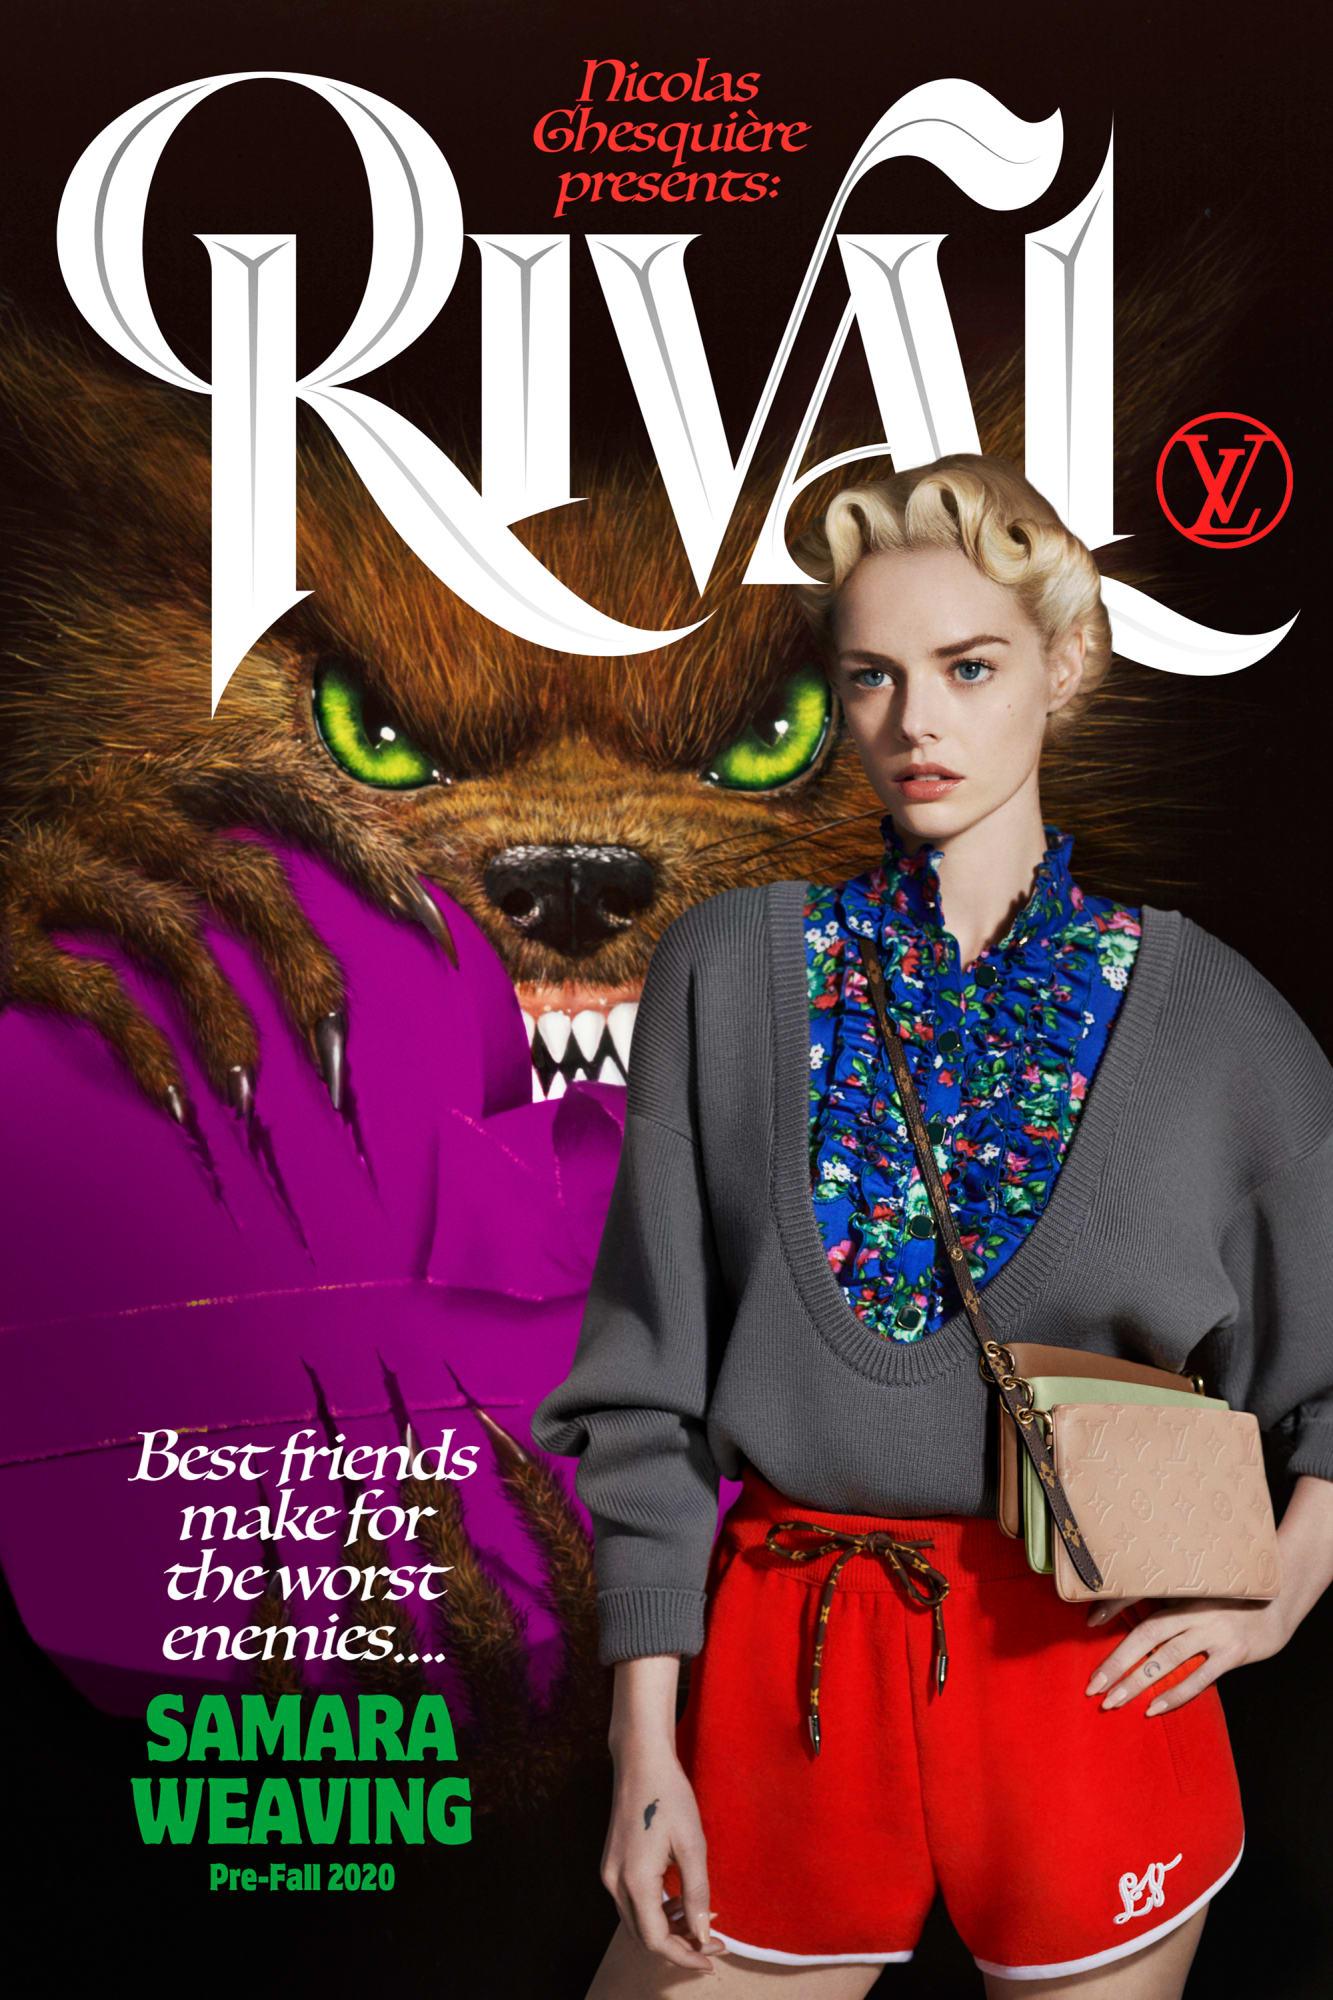 Colección Pre-Fall 2020 Louis Vuitton. Fotografía: Collier Schorr